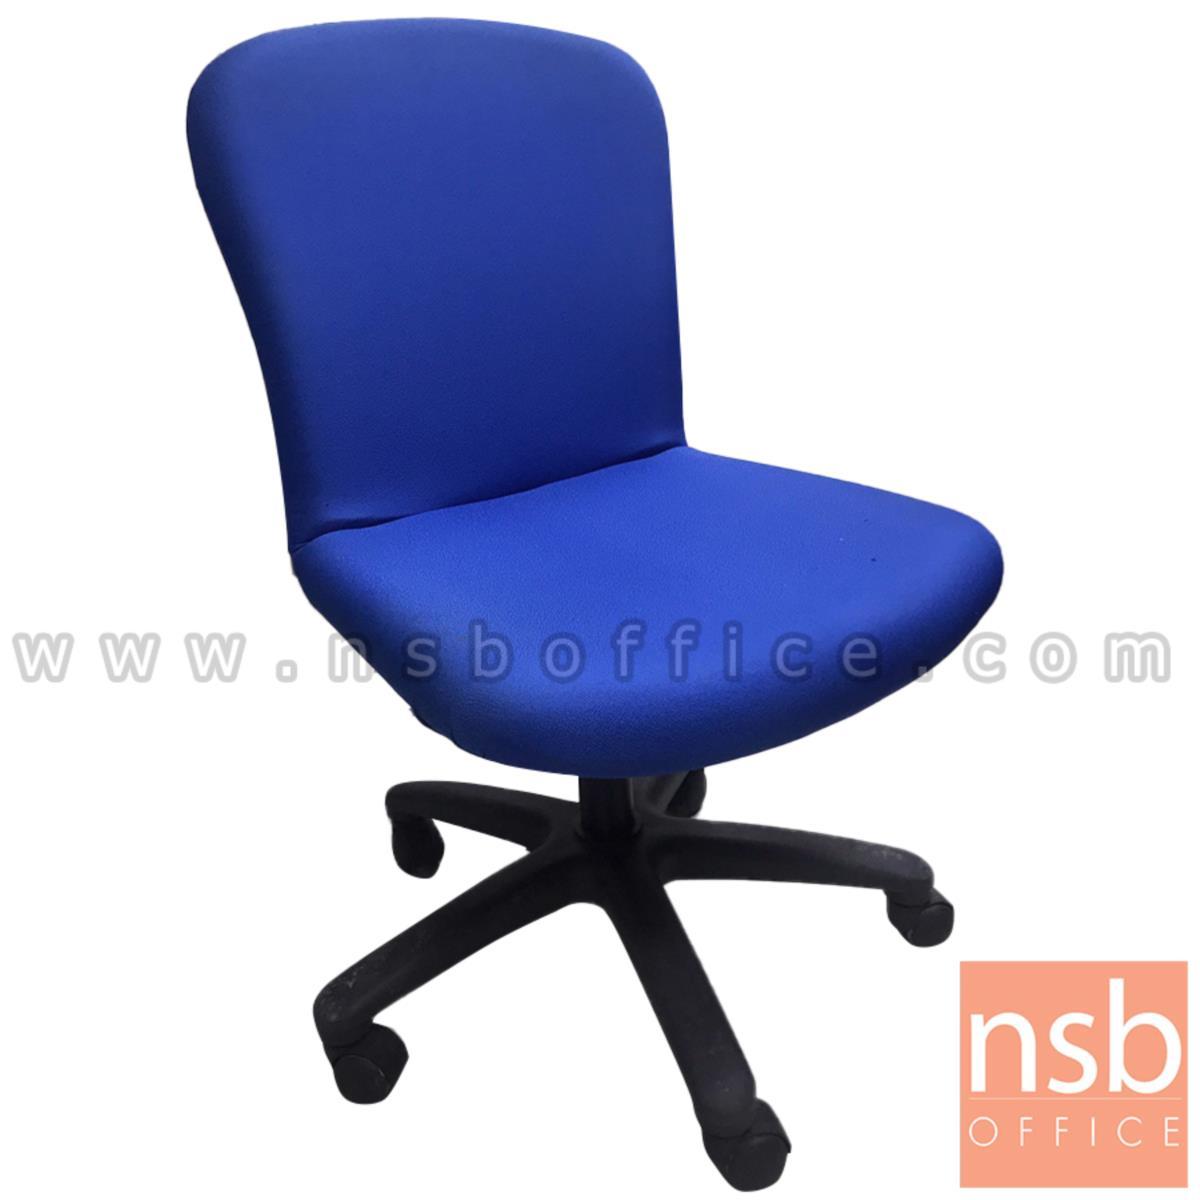 B33A011:เก้าอี้สำนักงาน รุ่น Bluesky (บลูสกาย)  ขาพลาสติก